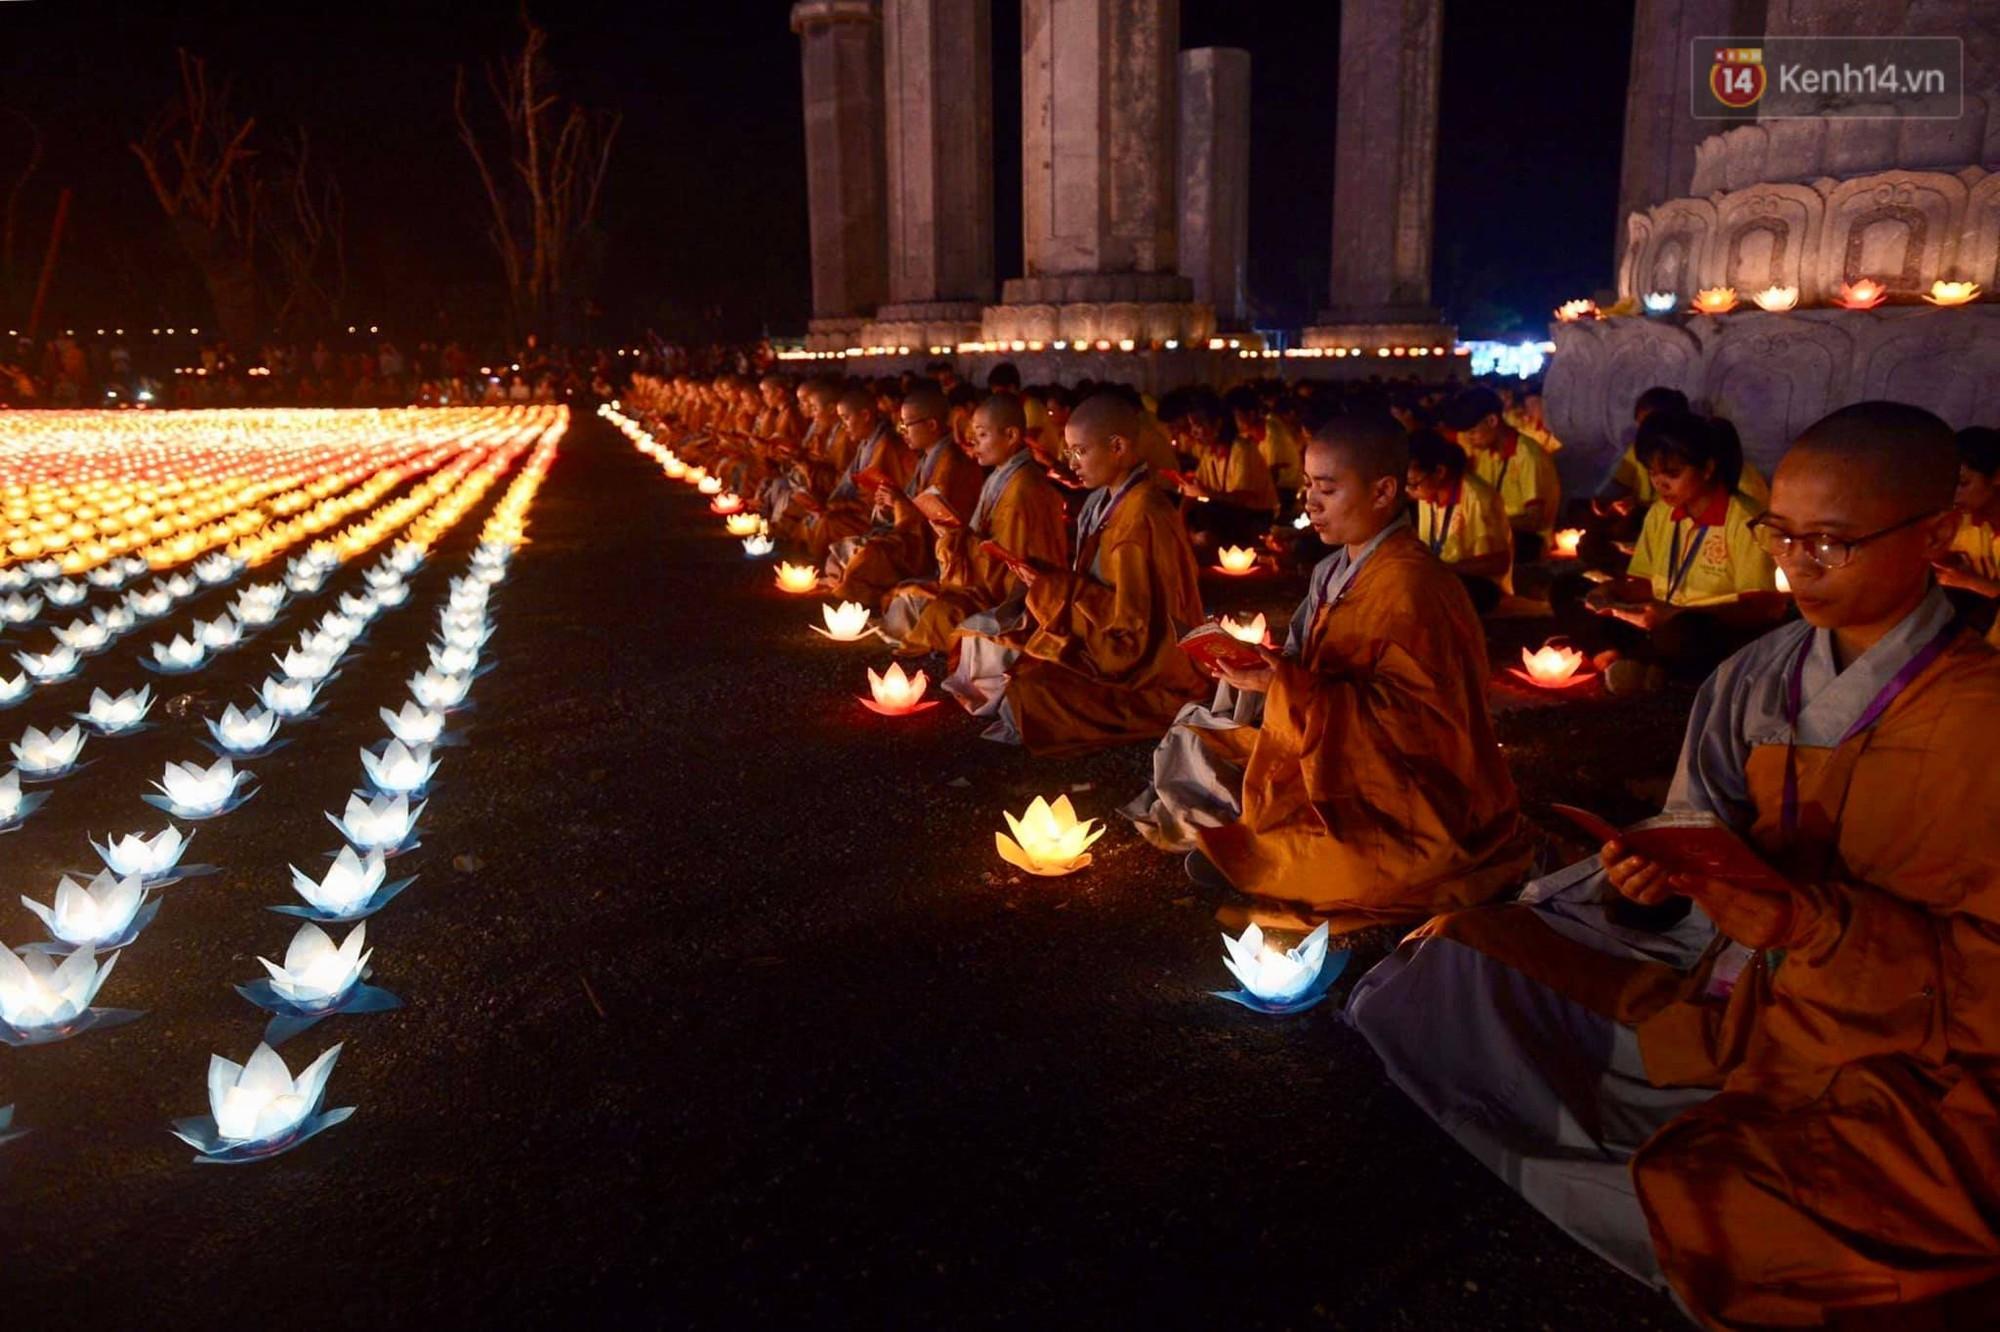 Hàng vạn người tham gia buổi lễ cầu nguyện hoà bình và hoa đăng tại chùa Tam Chúc - Ảnh 12.